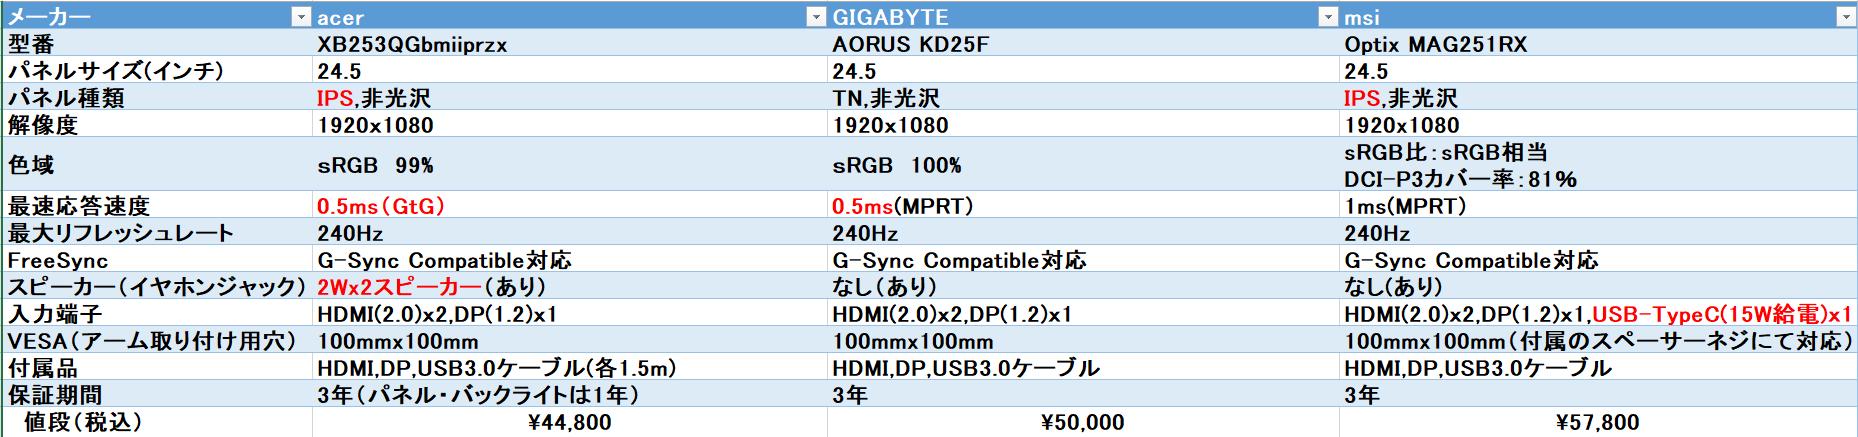 展示処分240hz比較.png